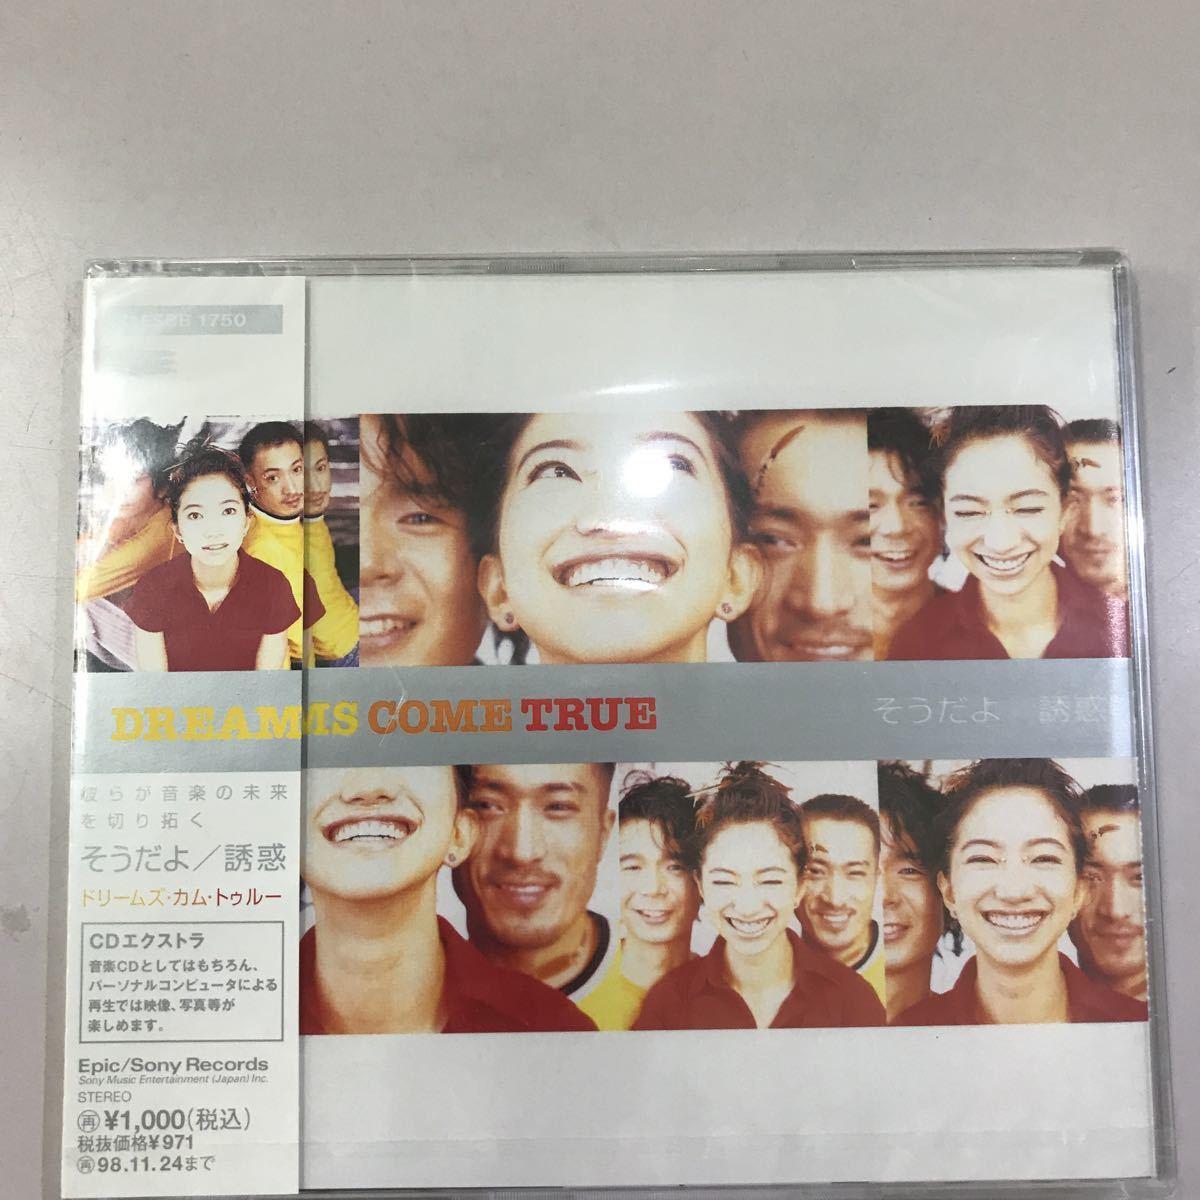 CD 新品未開封 長期保存品【邦楽】ドリームカムトゥルー そうだよ